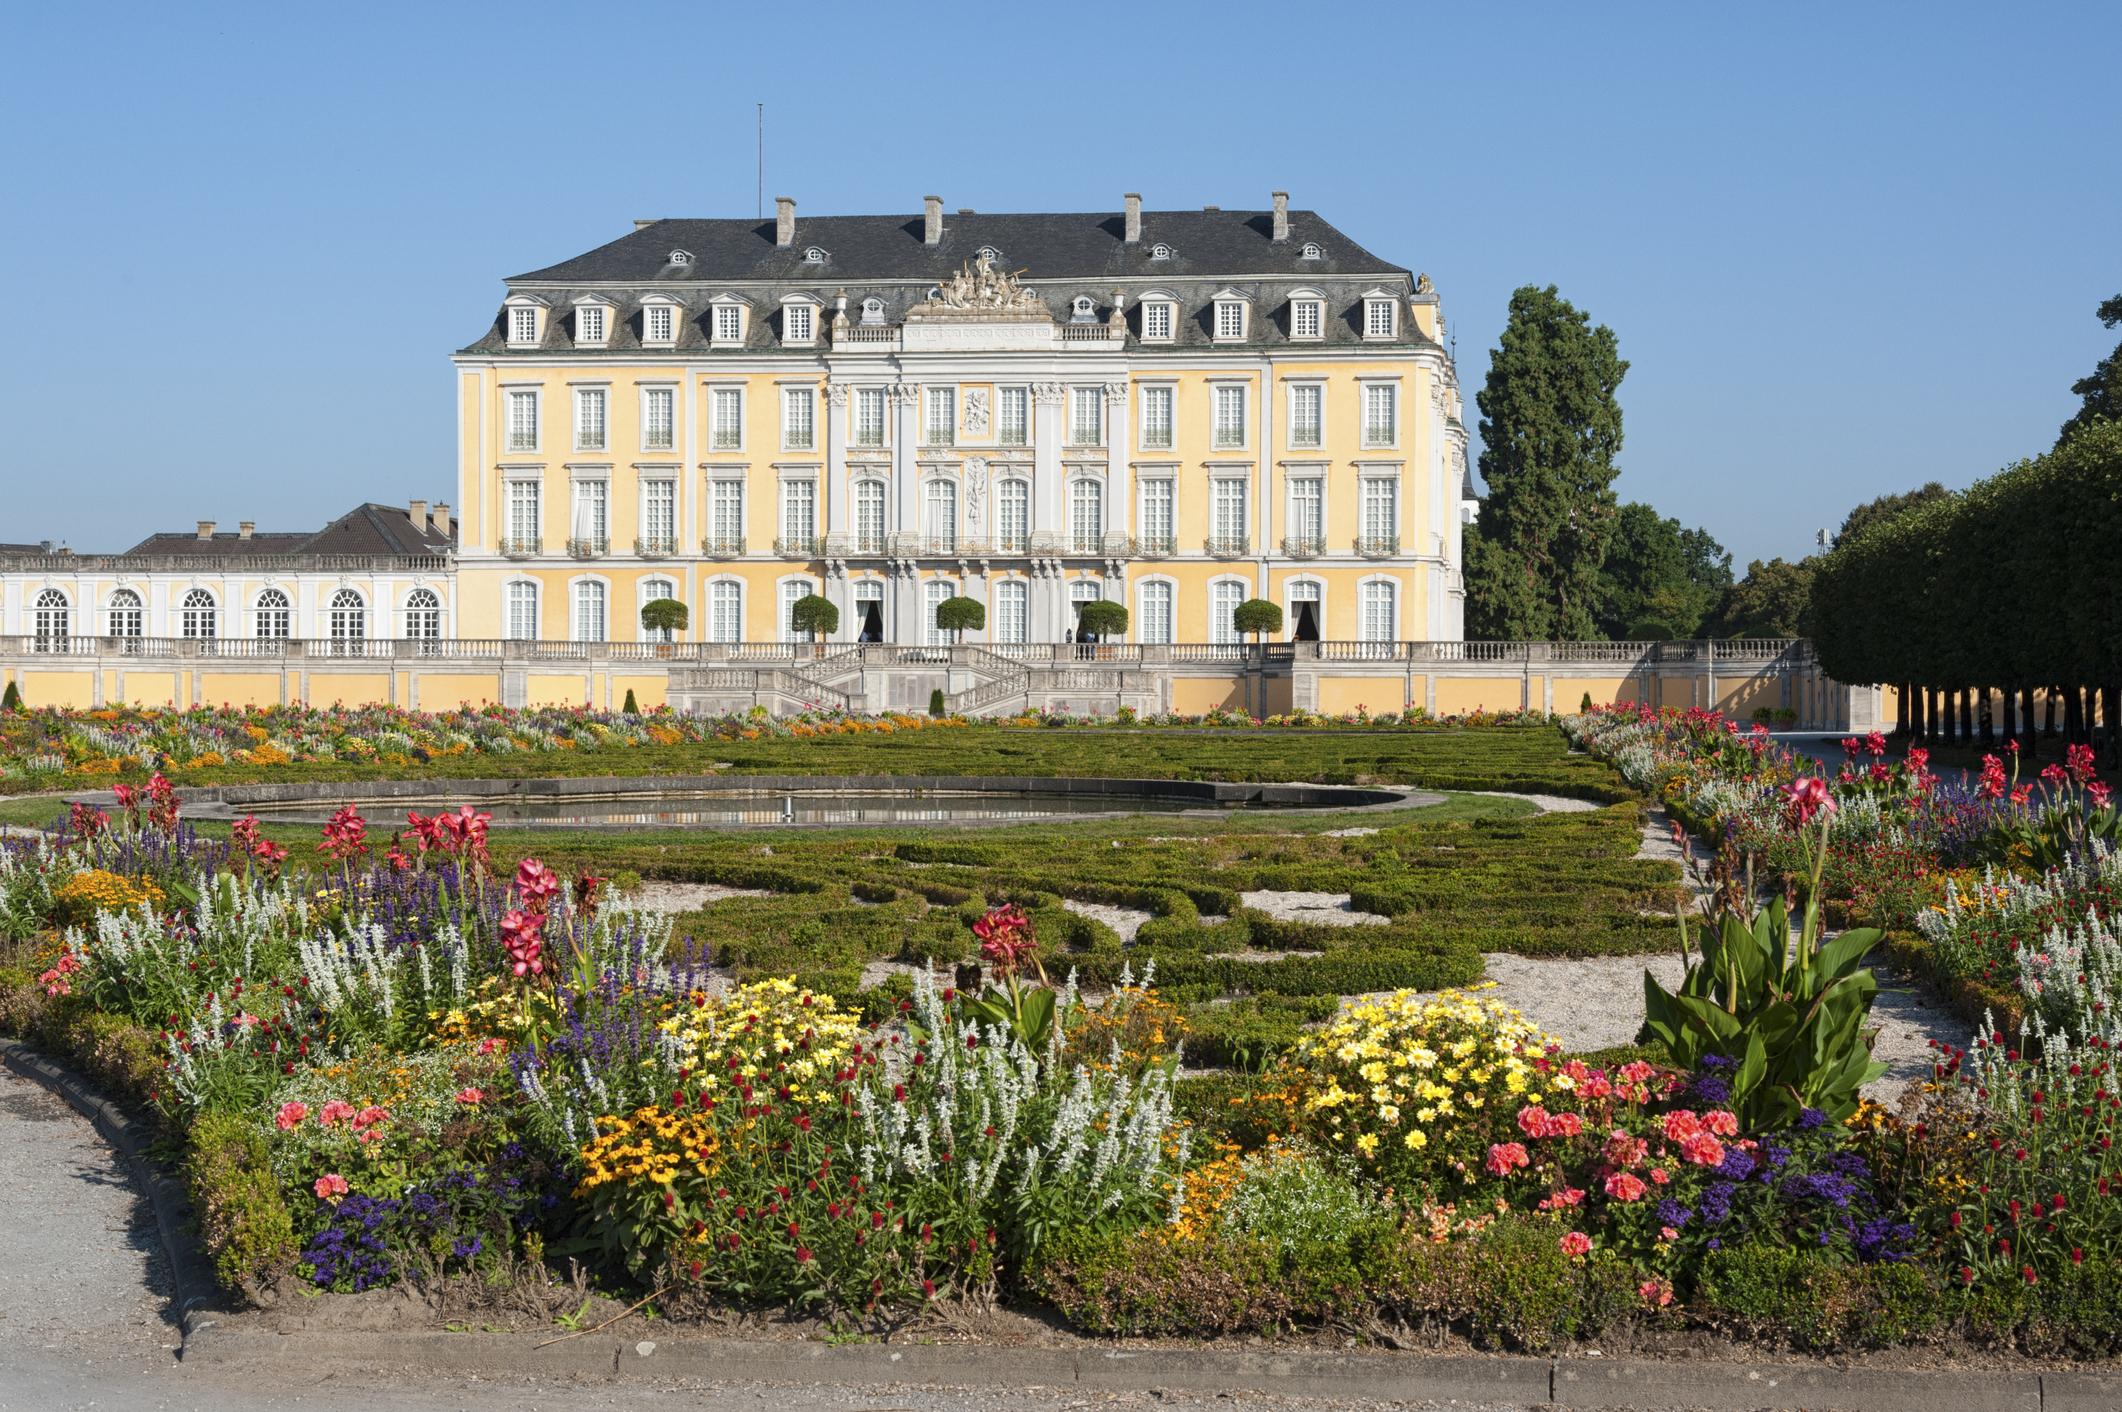 Das Augustusburger Schloss in Brühl: ein brillantes Beispiel des deutschen Rokoko